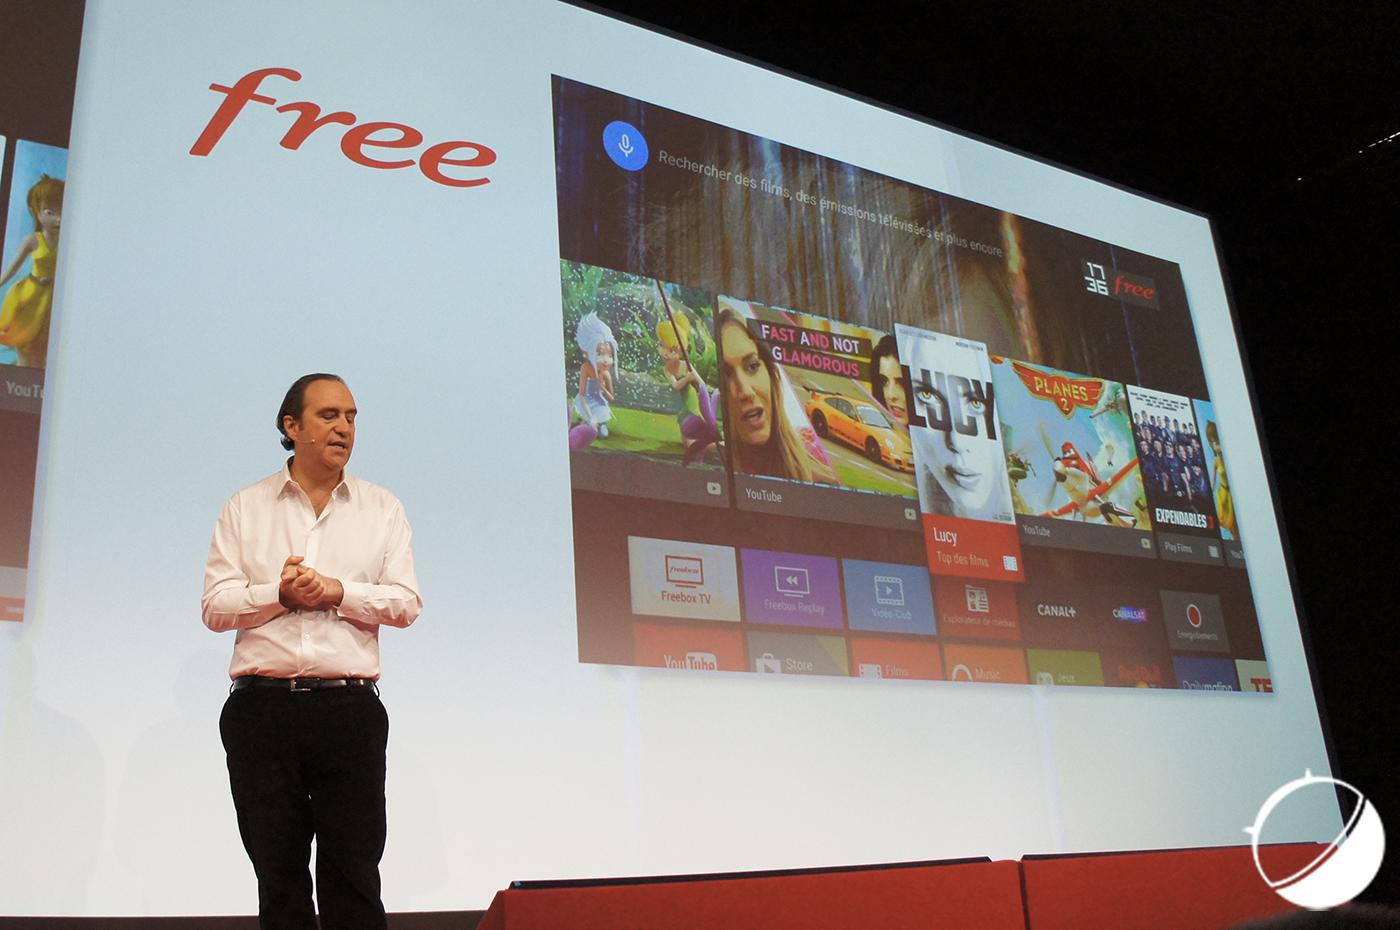 TF1 vs Free : peut-être plus qu'un mois pour regarder Quotidien et Joséphine